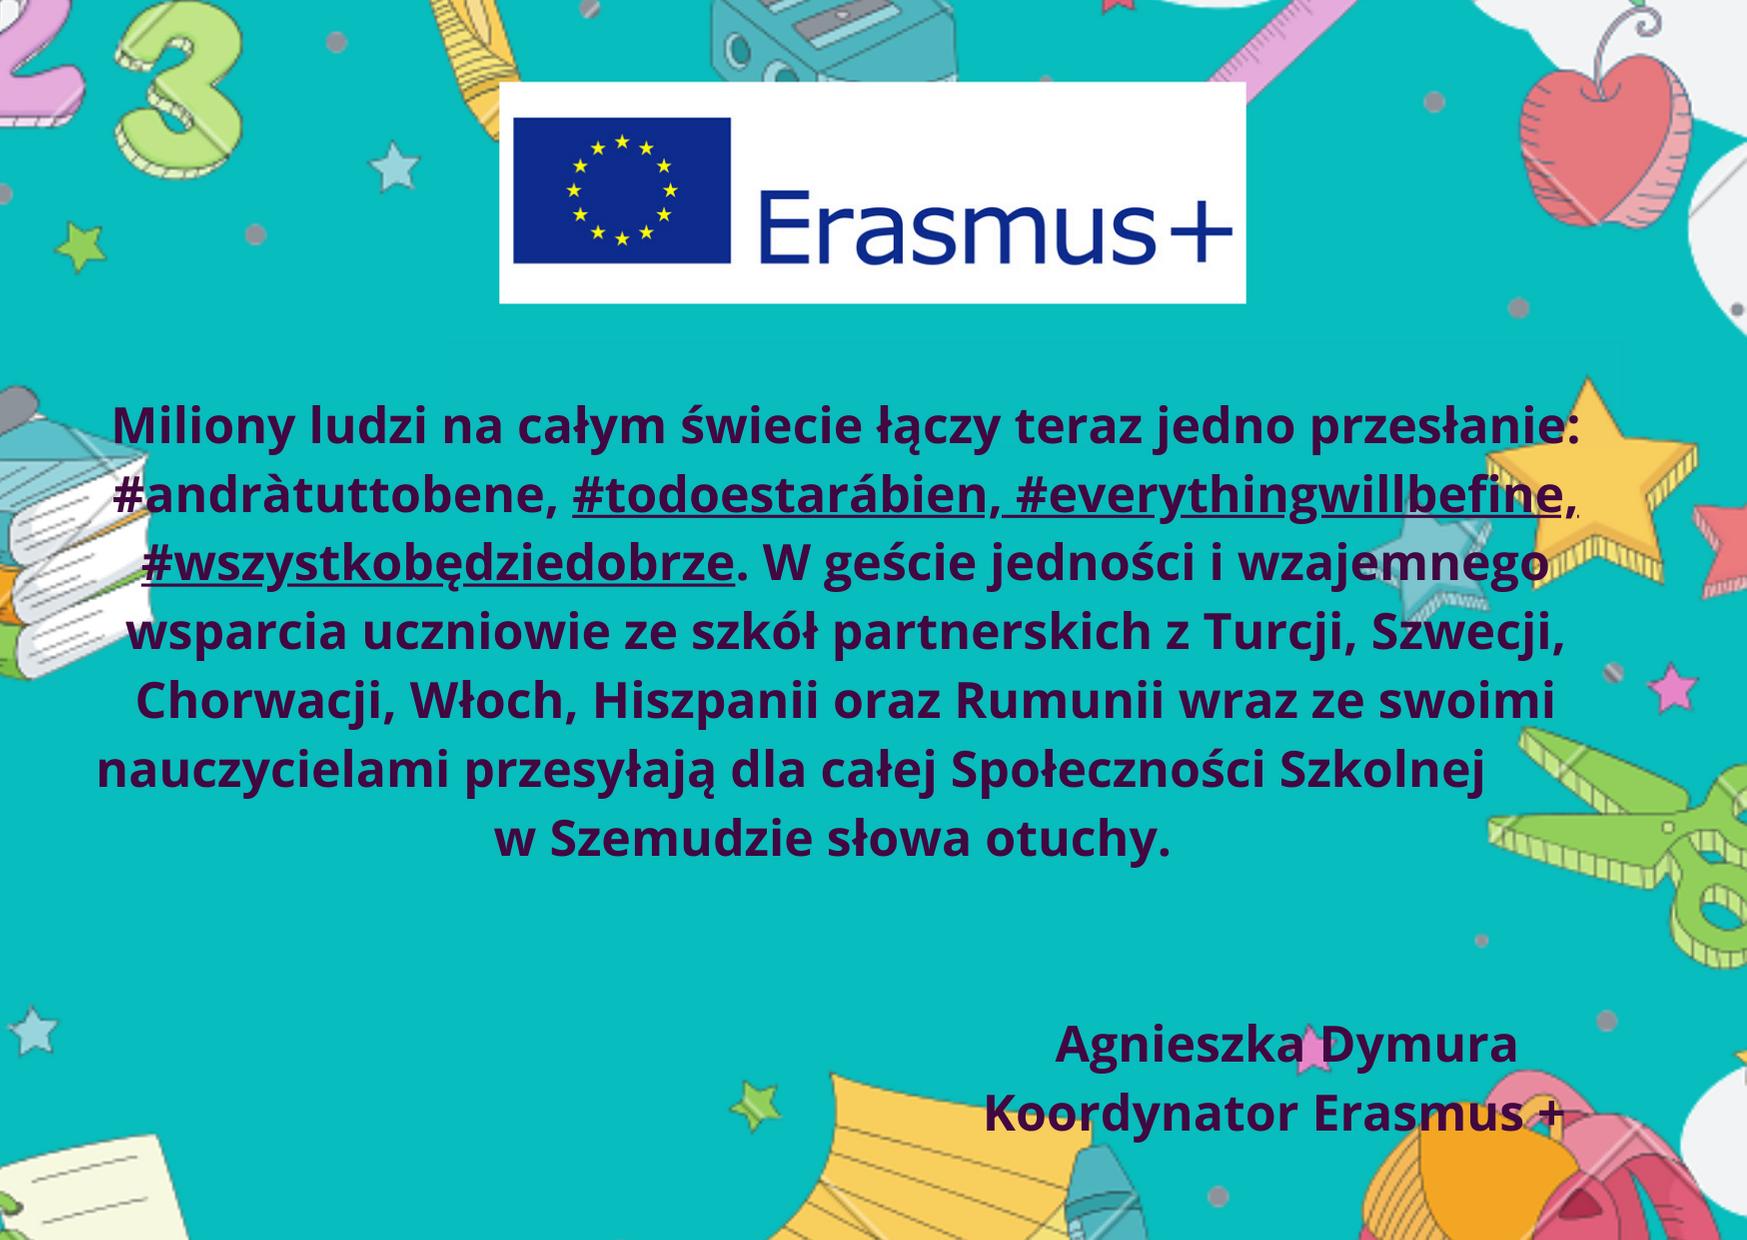 Ku pokrzepieniu serc - Erasmus+